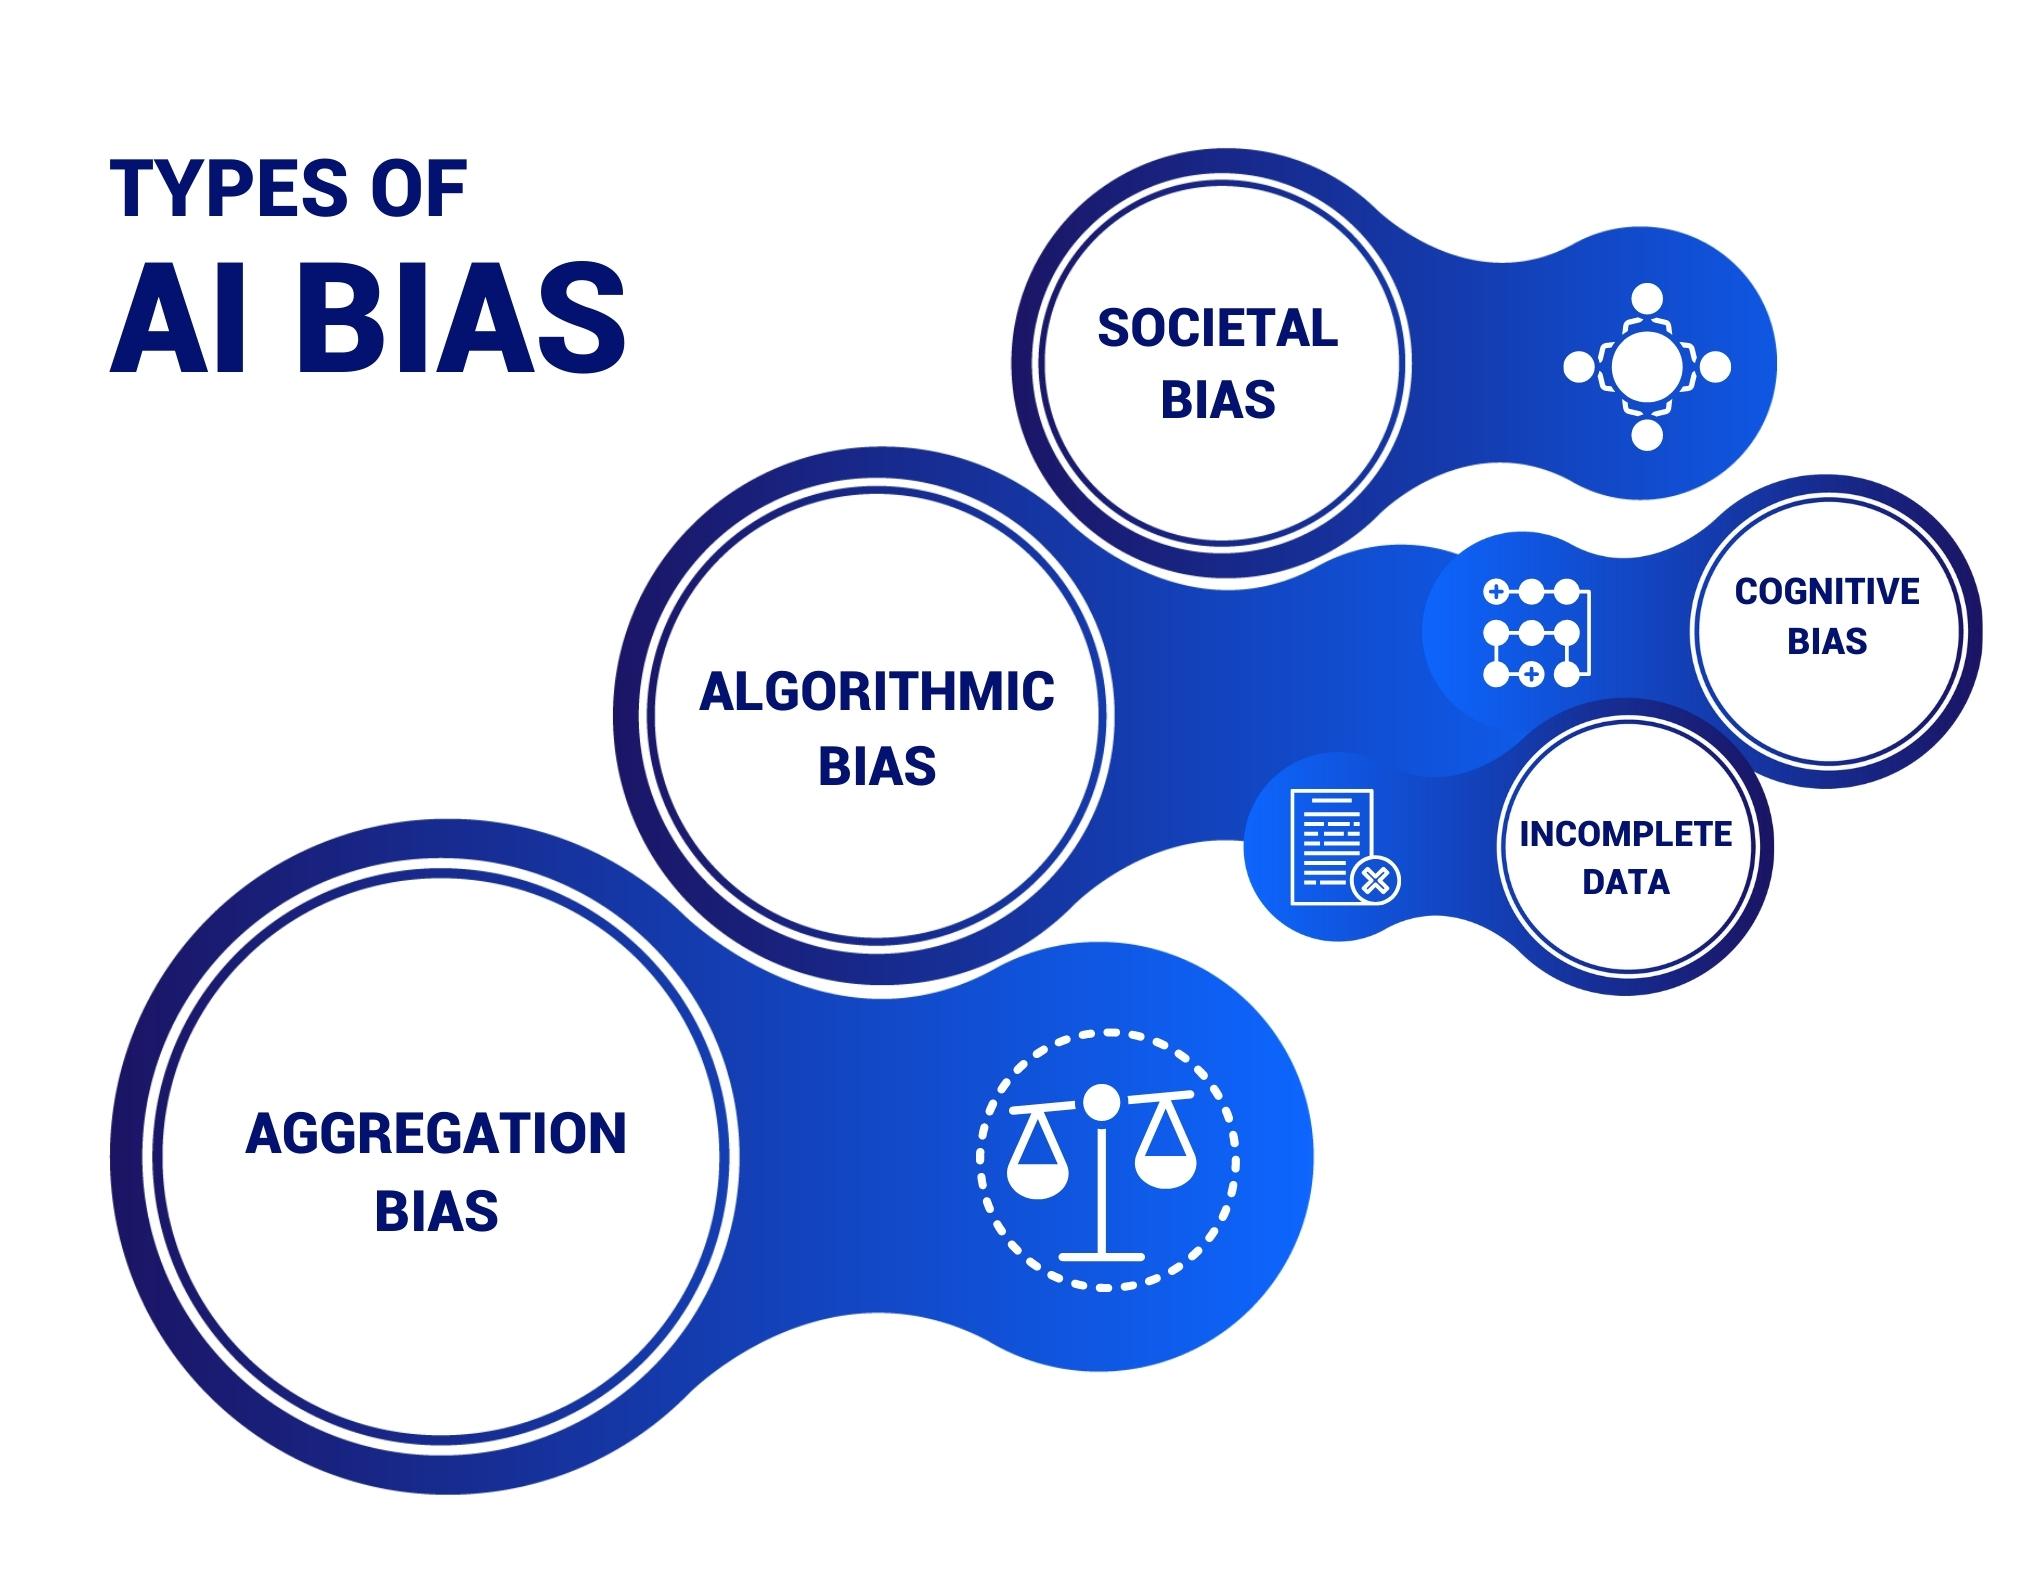 Types of AI bias